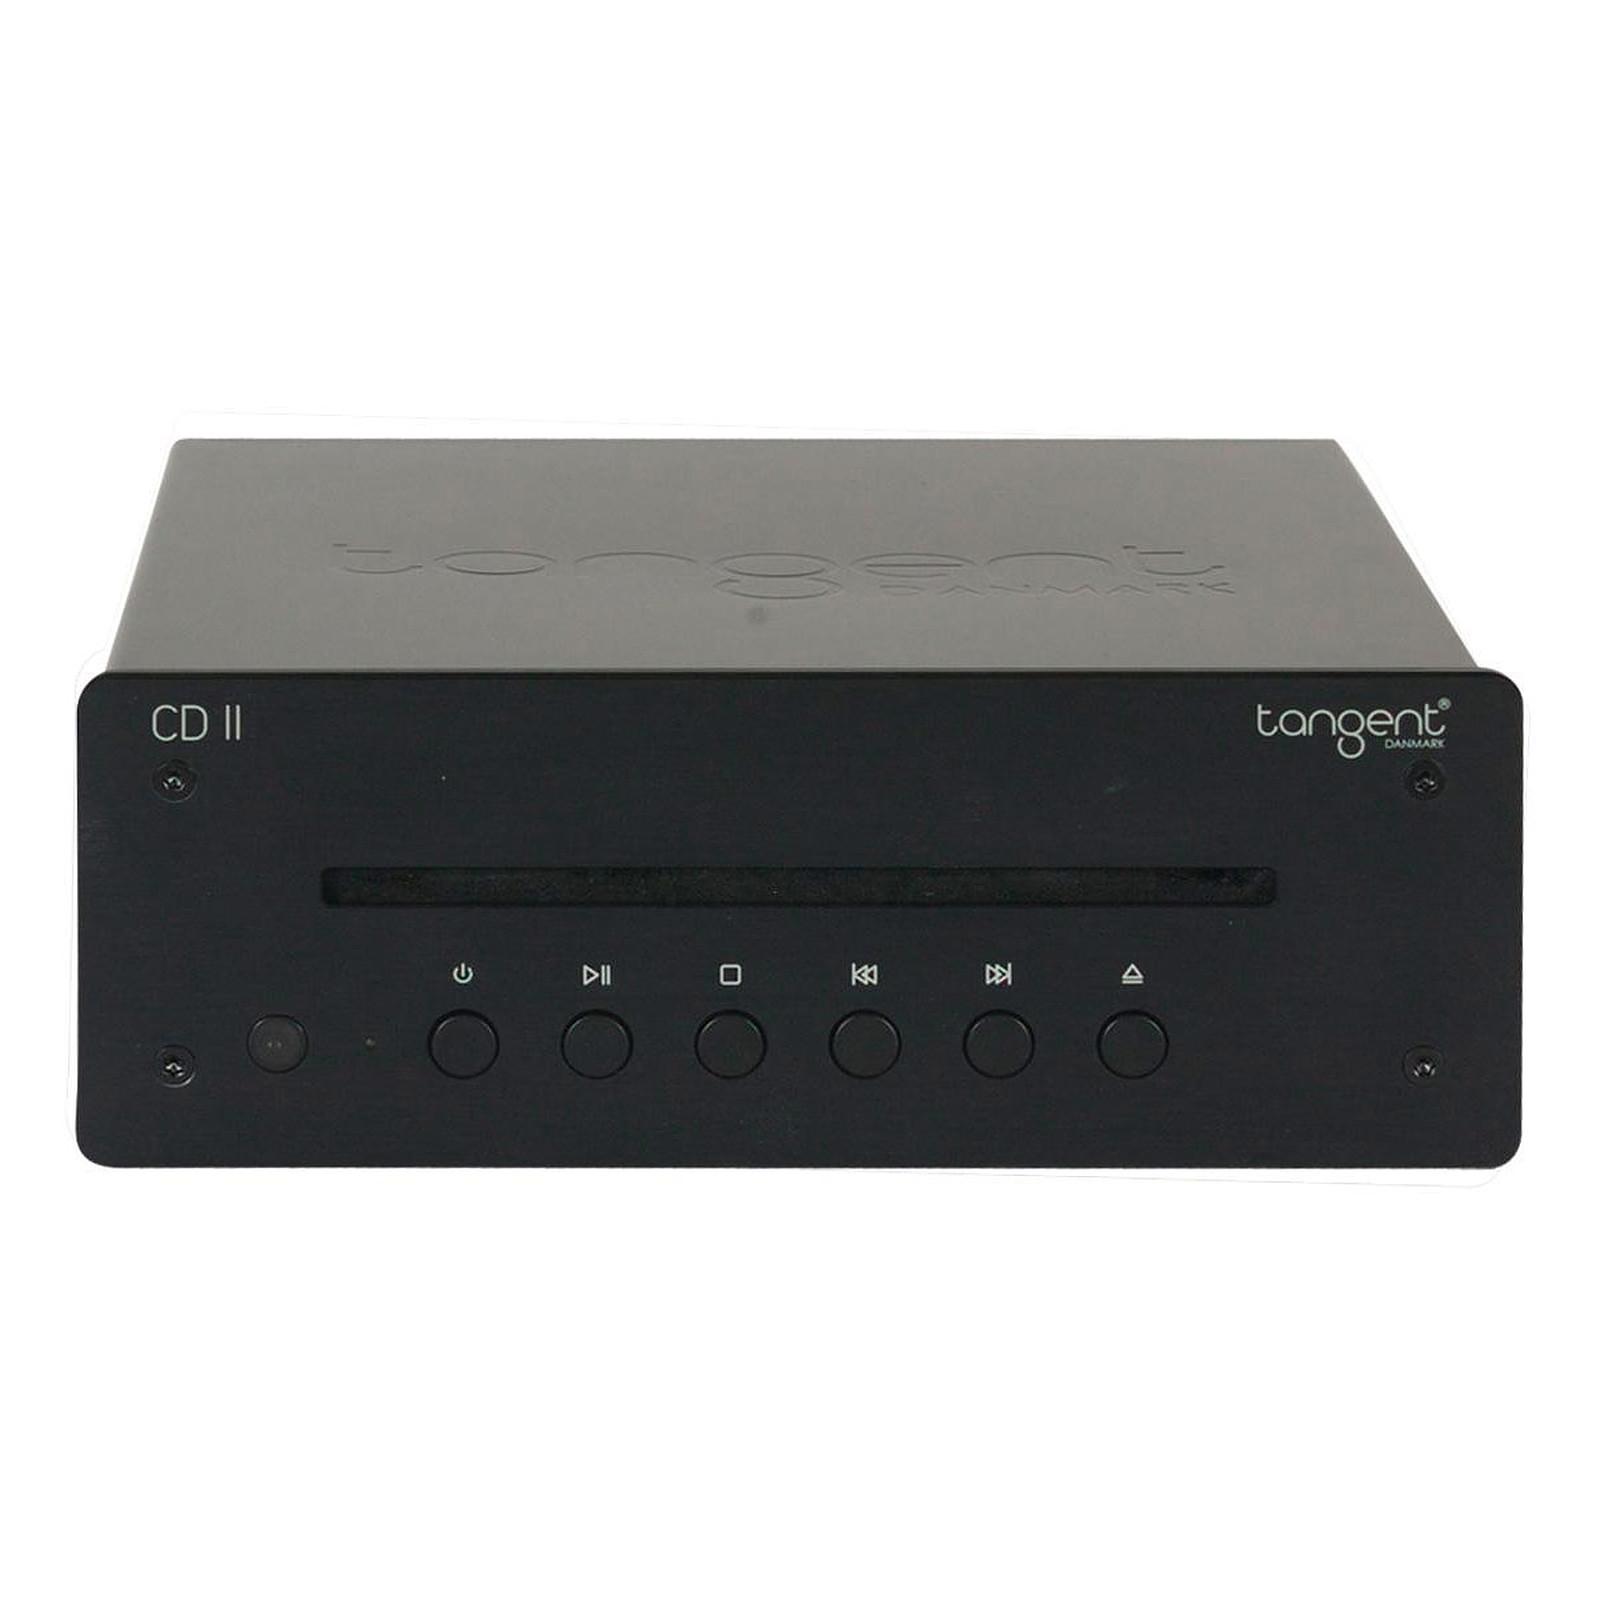 Tangent CD II